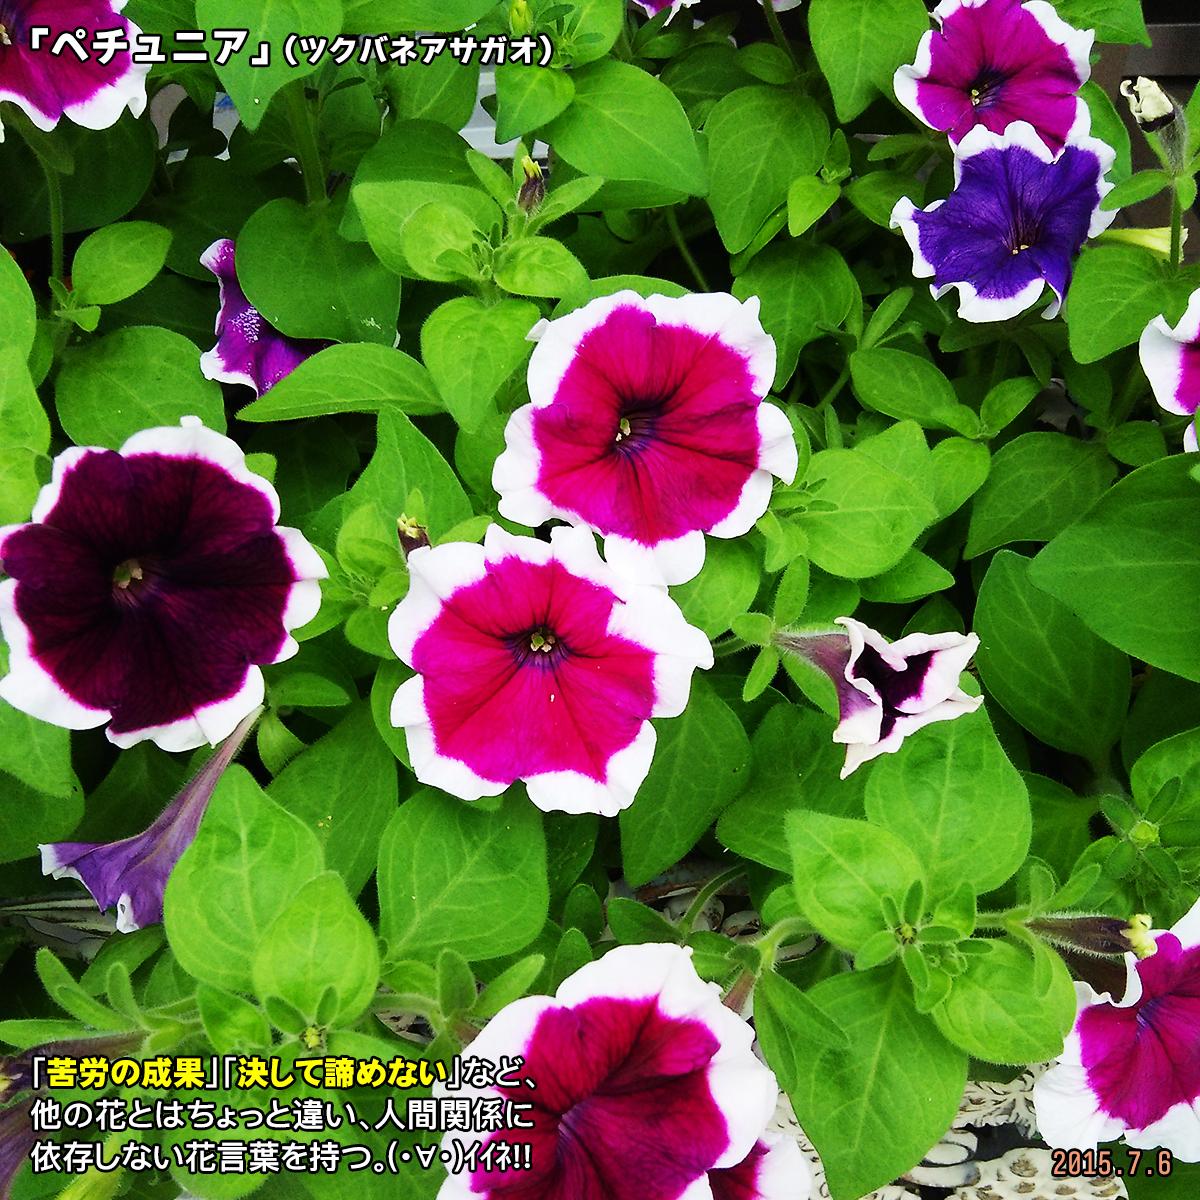 DSC_0565_2017122916304878f.jpg